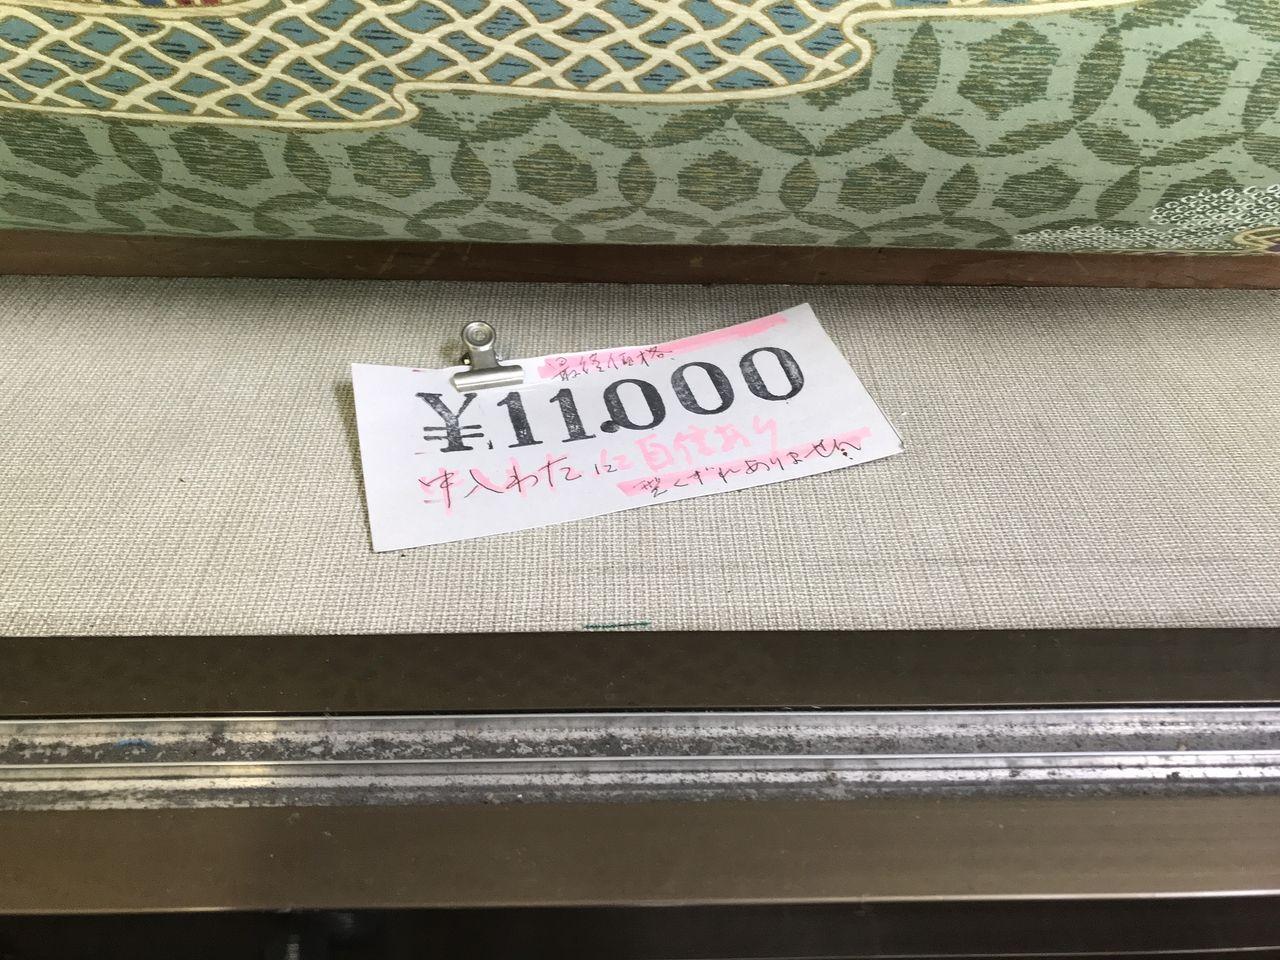 行徳の野地綿の敷布団の値段